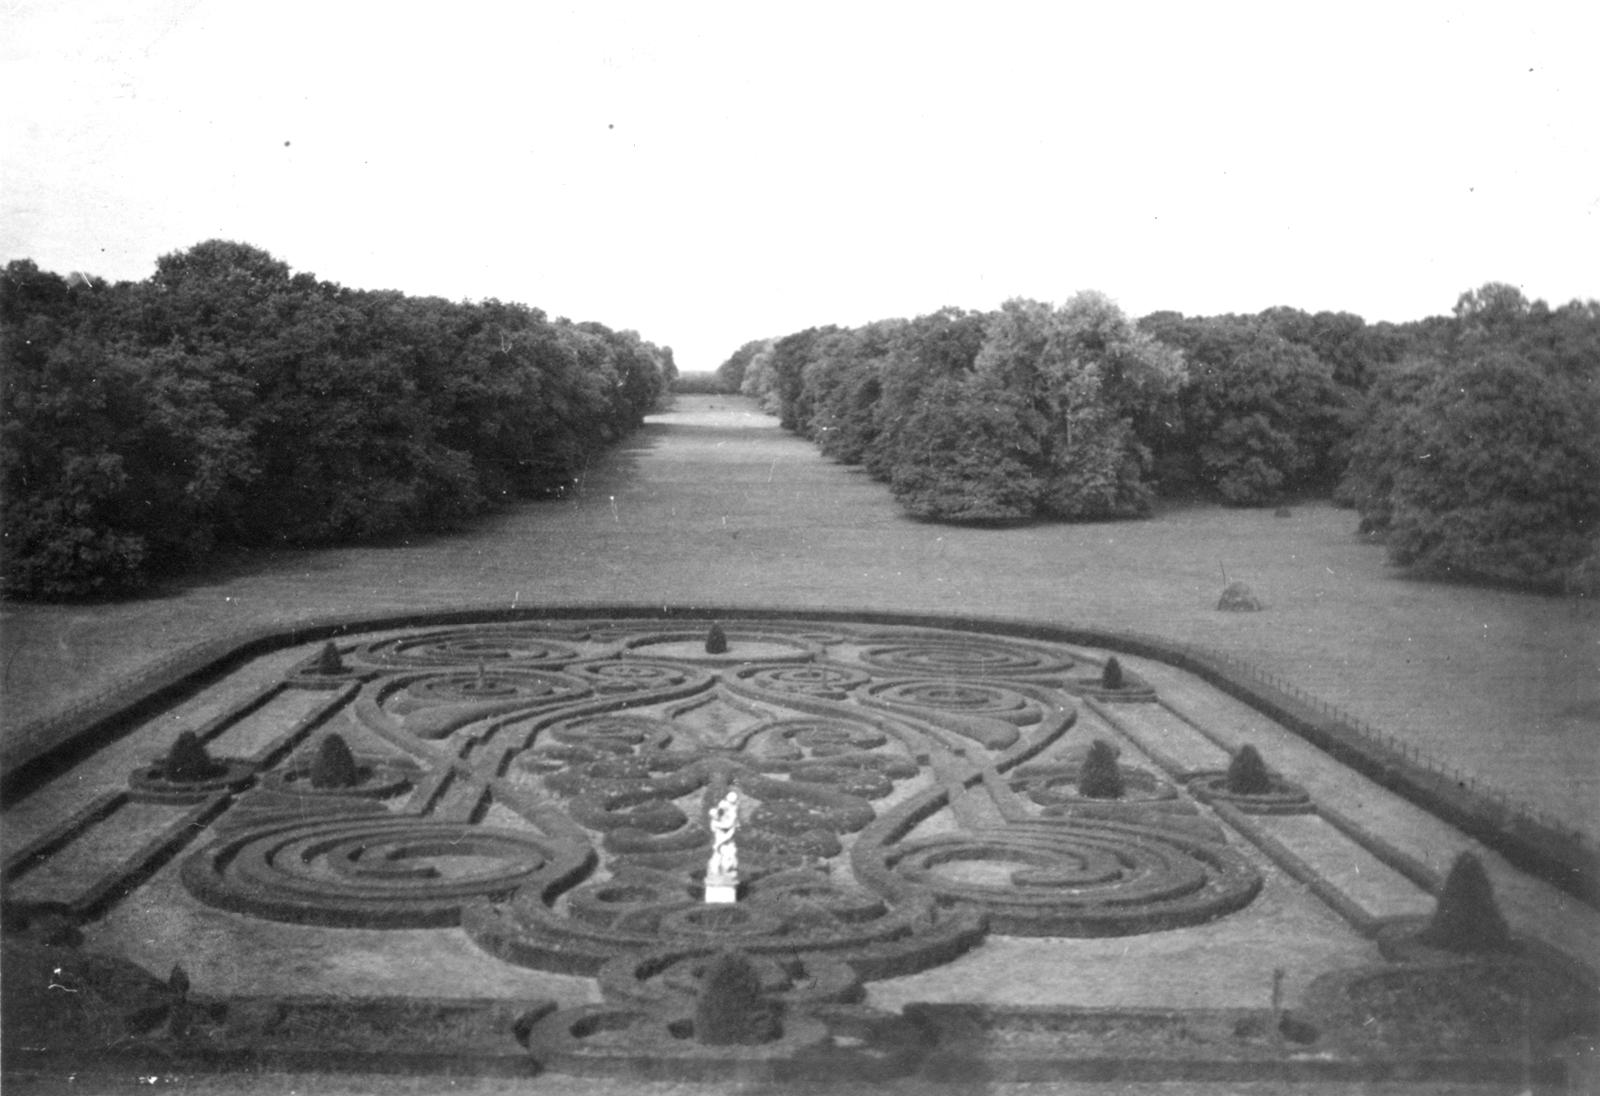 A tiszadobi hímzéses parter a két világháború között, begyepesedett és kissé túlnőtt állapotban, virágok nélkül.